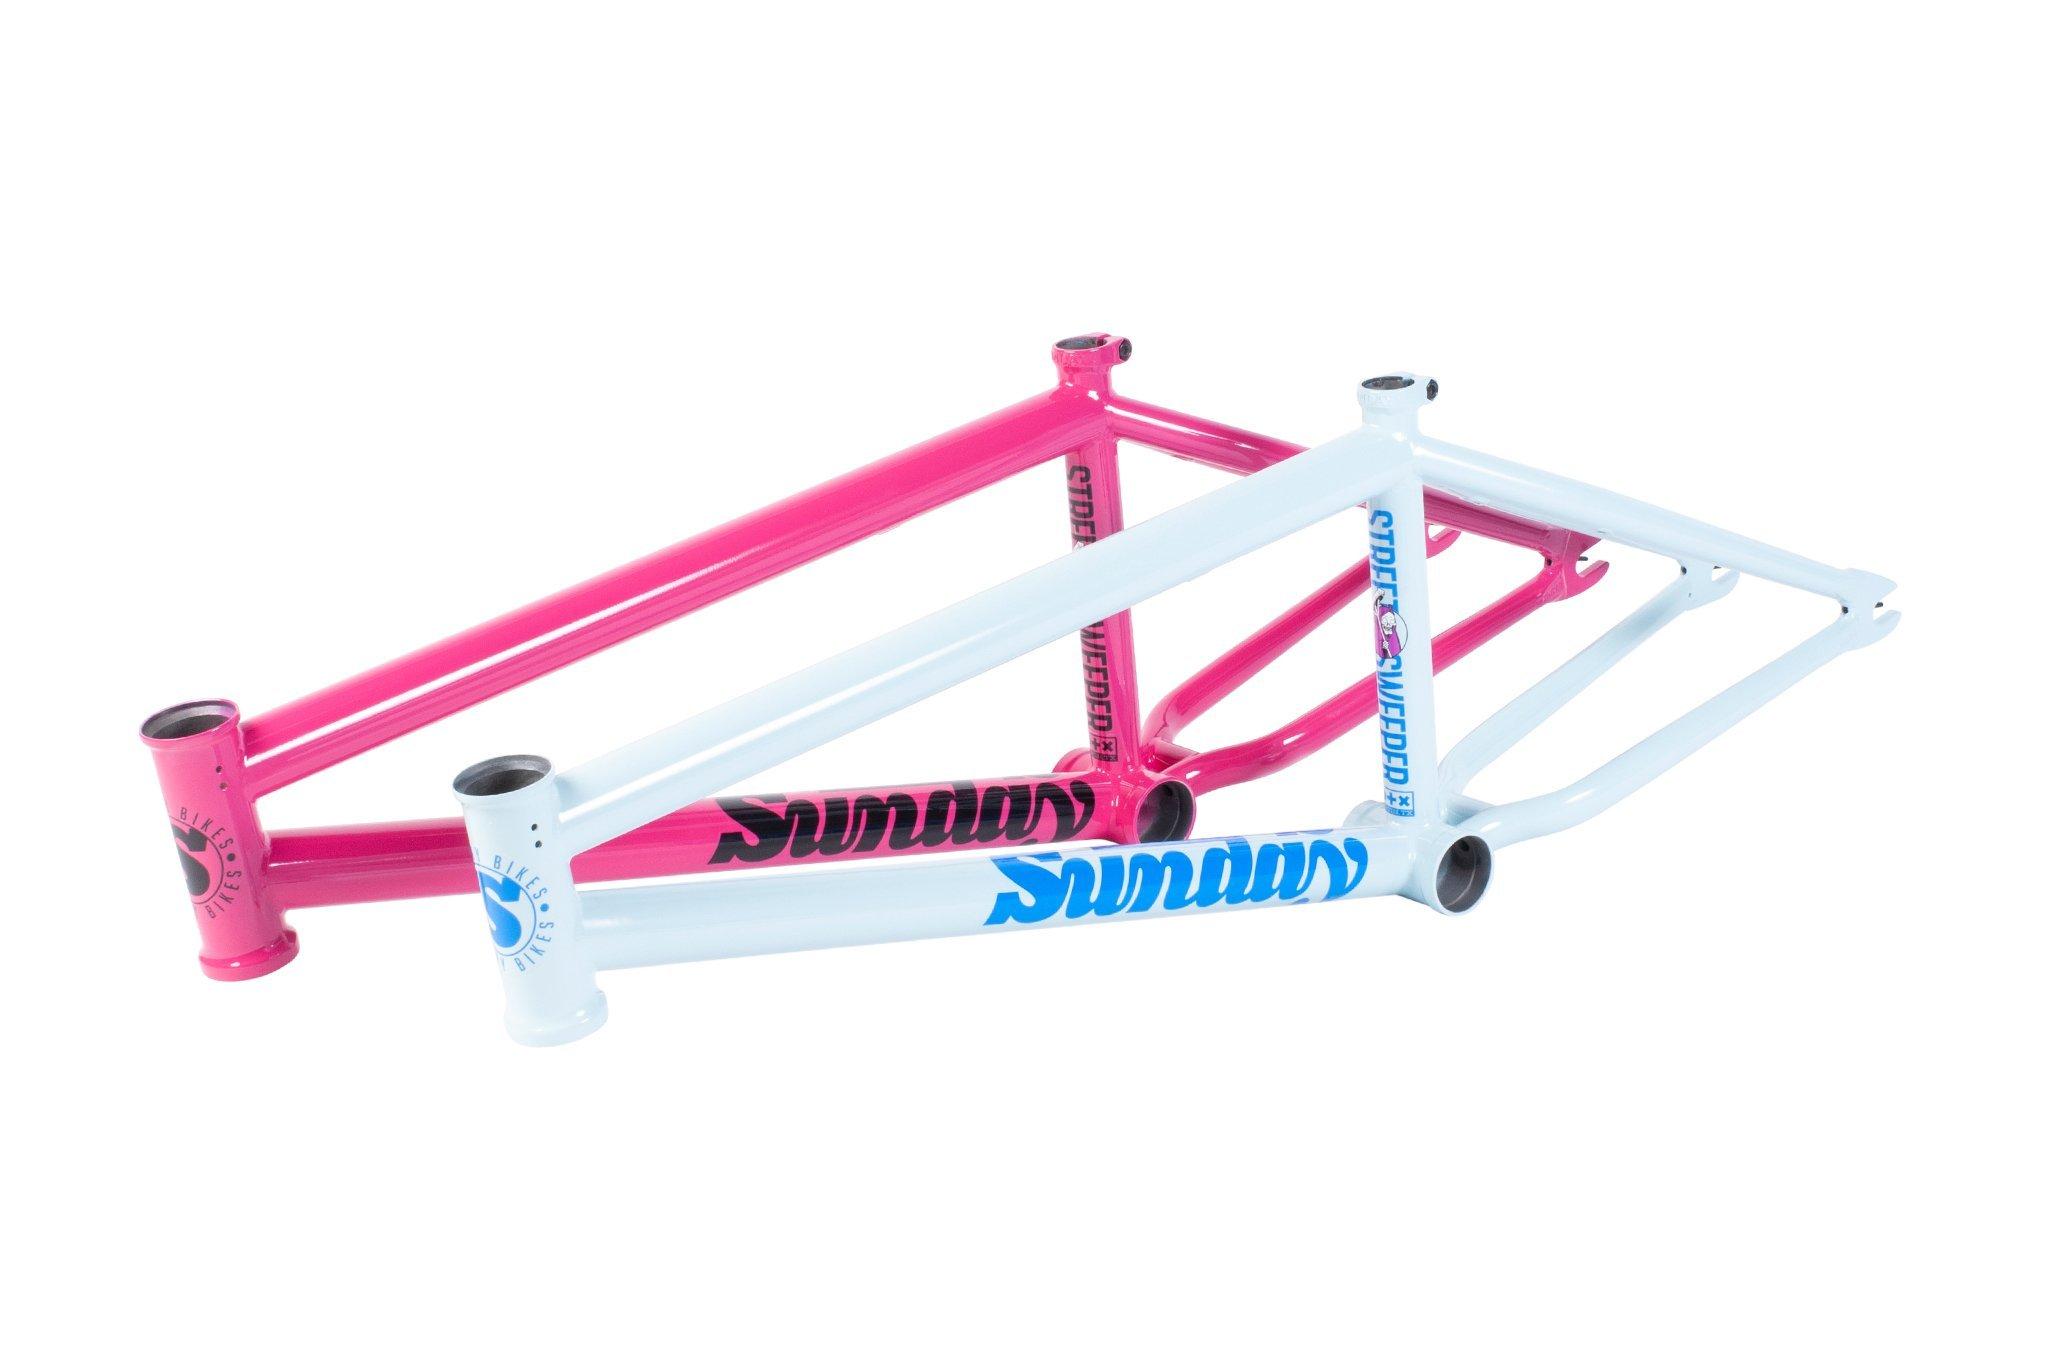 Der Street Sweeper von Sunday Bikes ist jetzt in Sky Blue und Magenta erhältlich; Oberrohrlängen: 20.5'', 20,75'', oder 21'' | Steuerkopfwinkel: 75,25° Sattelrohrwinkel: 71° Kettenstrebenlänge: 12,7–13'' Tretlagerhöhe: 11,7'' Standover: 8.8'' Steuerrohrlänge: 4,7'' Gewicht: 2,27 kg |passend für Reifen mit 2,4'' Breite